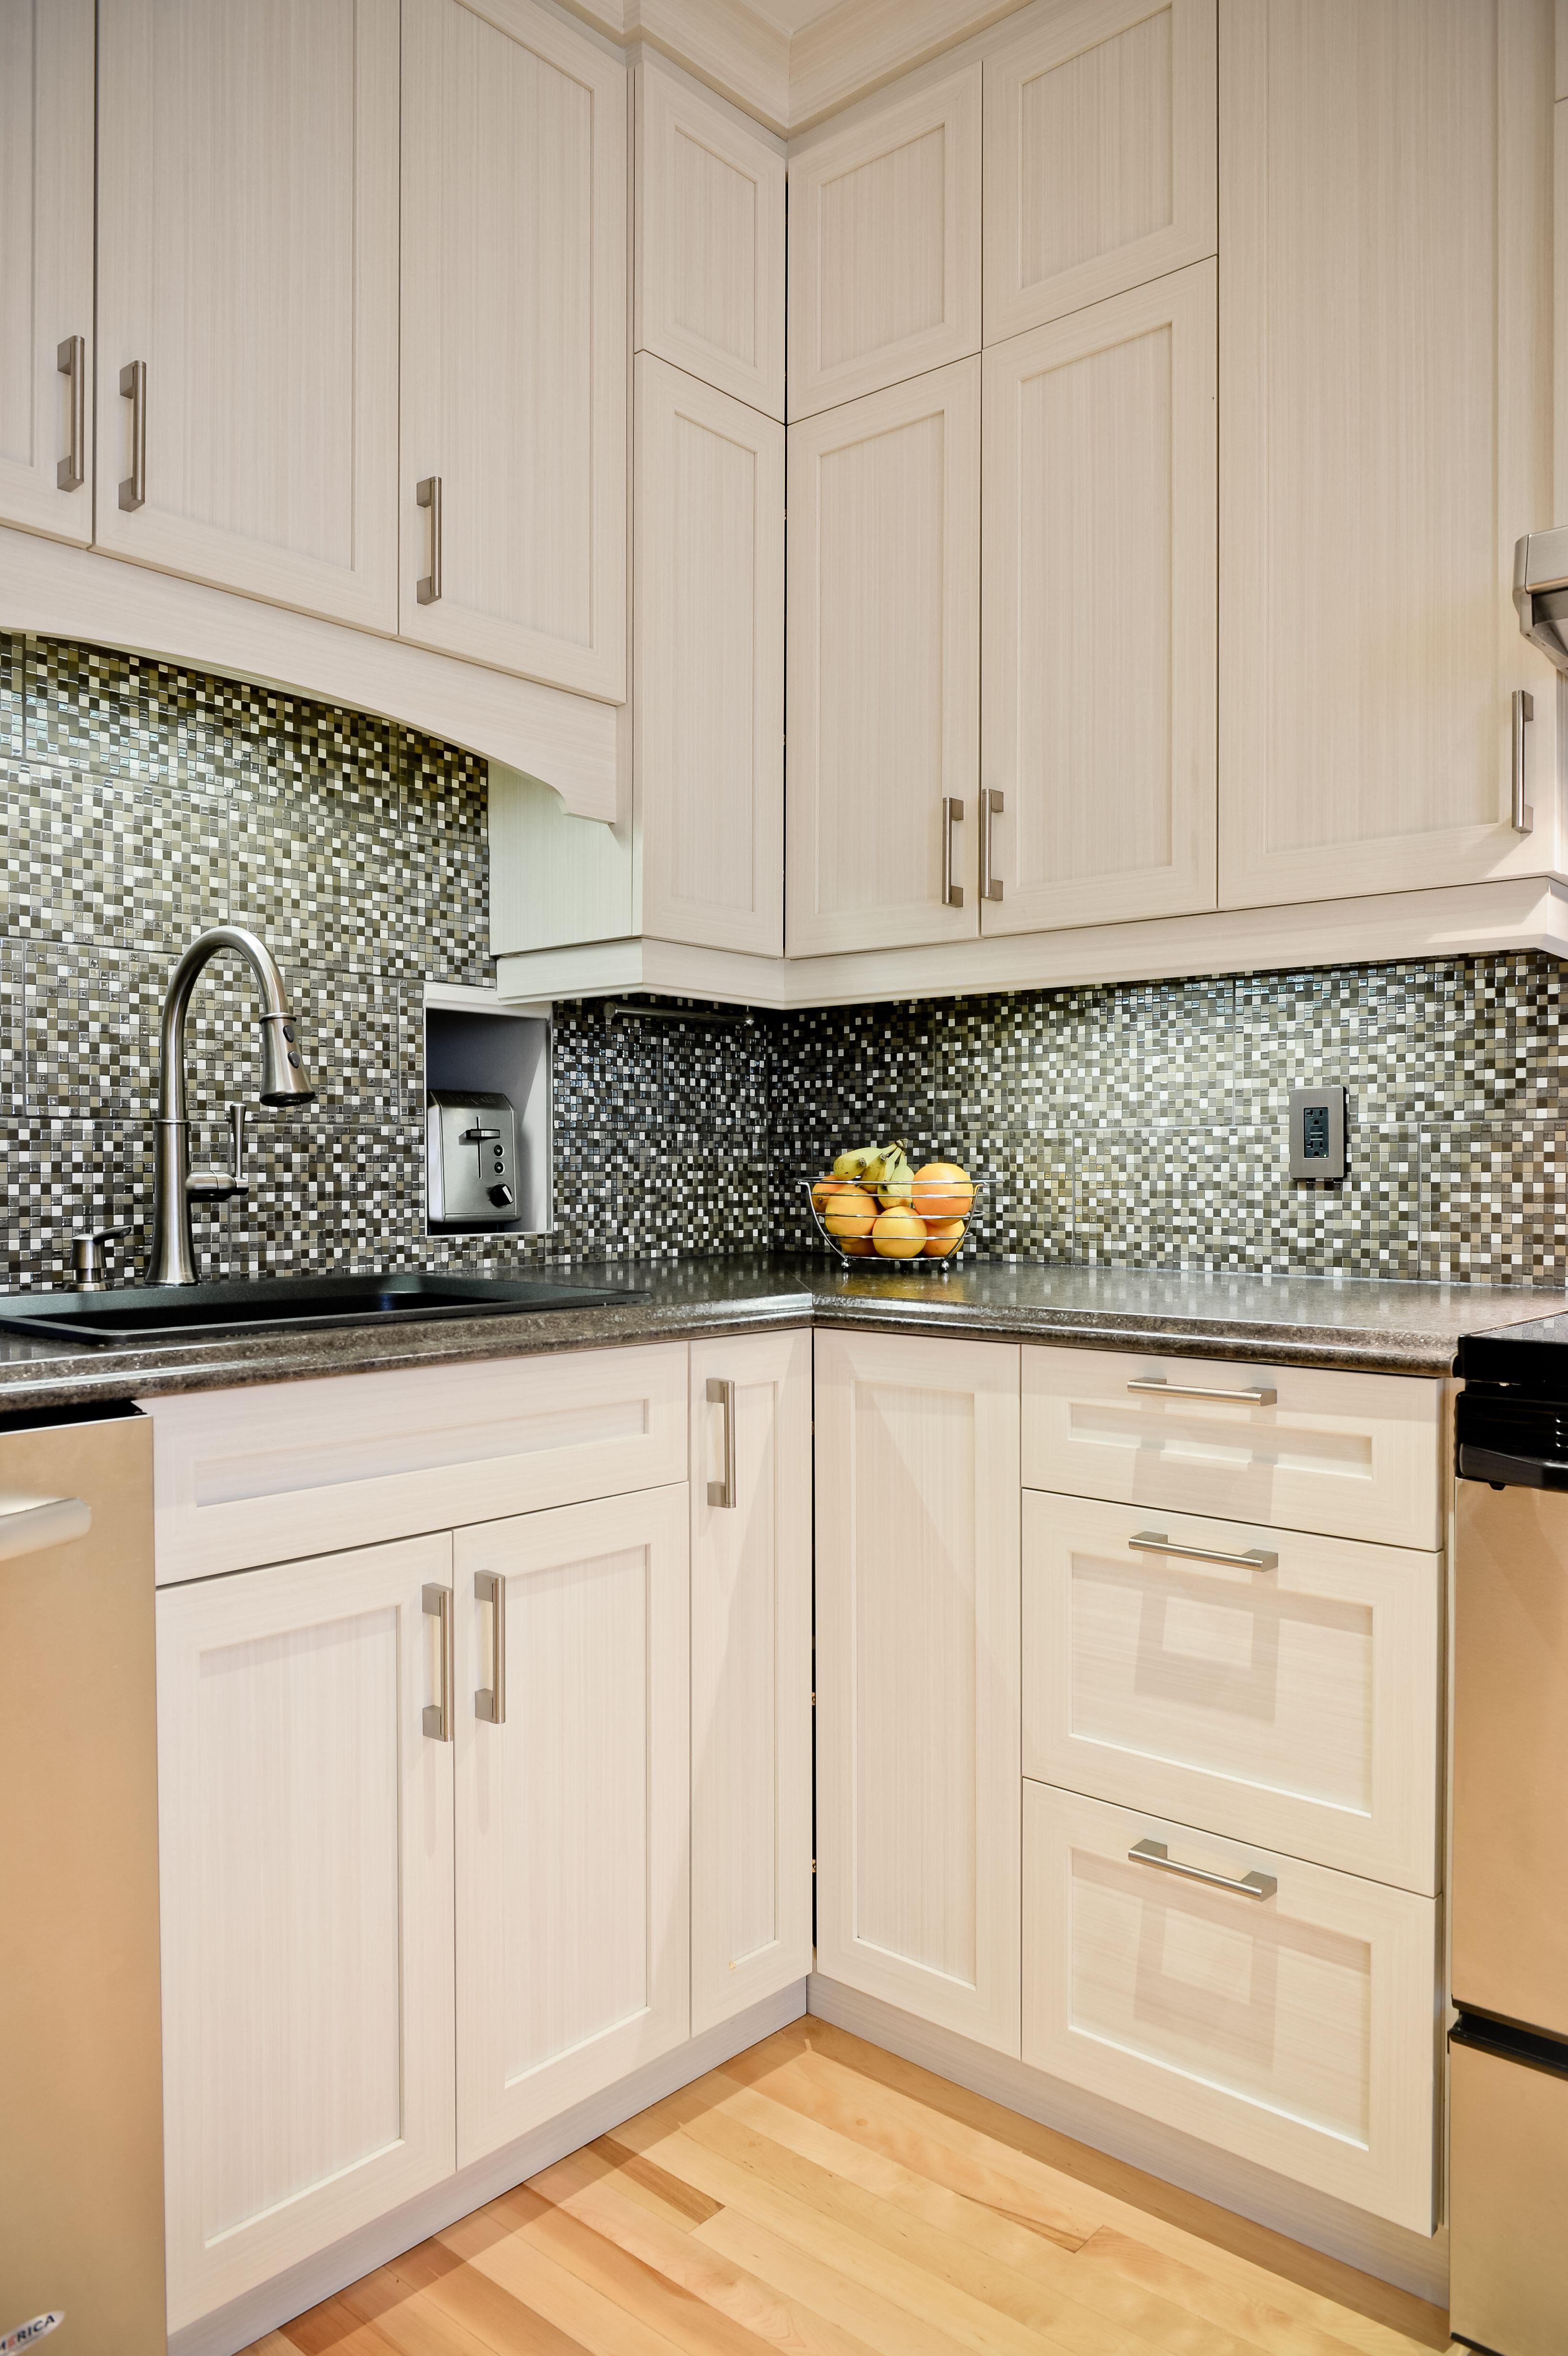 un projet réalisé par des entrepreneurs renoassistance le dosseret donne beaucoup de charme à on r kitchen cabinets id=41378